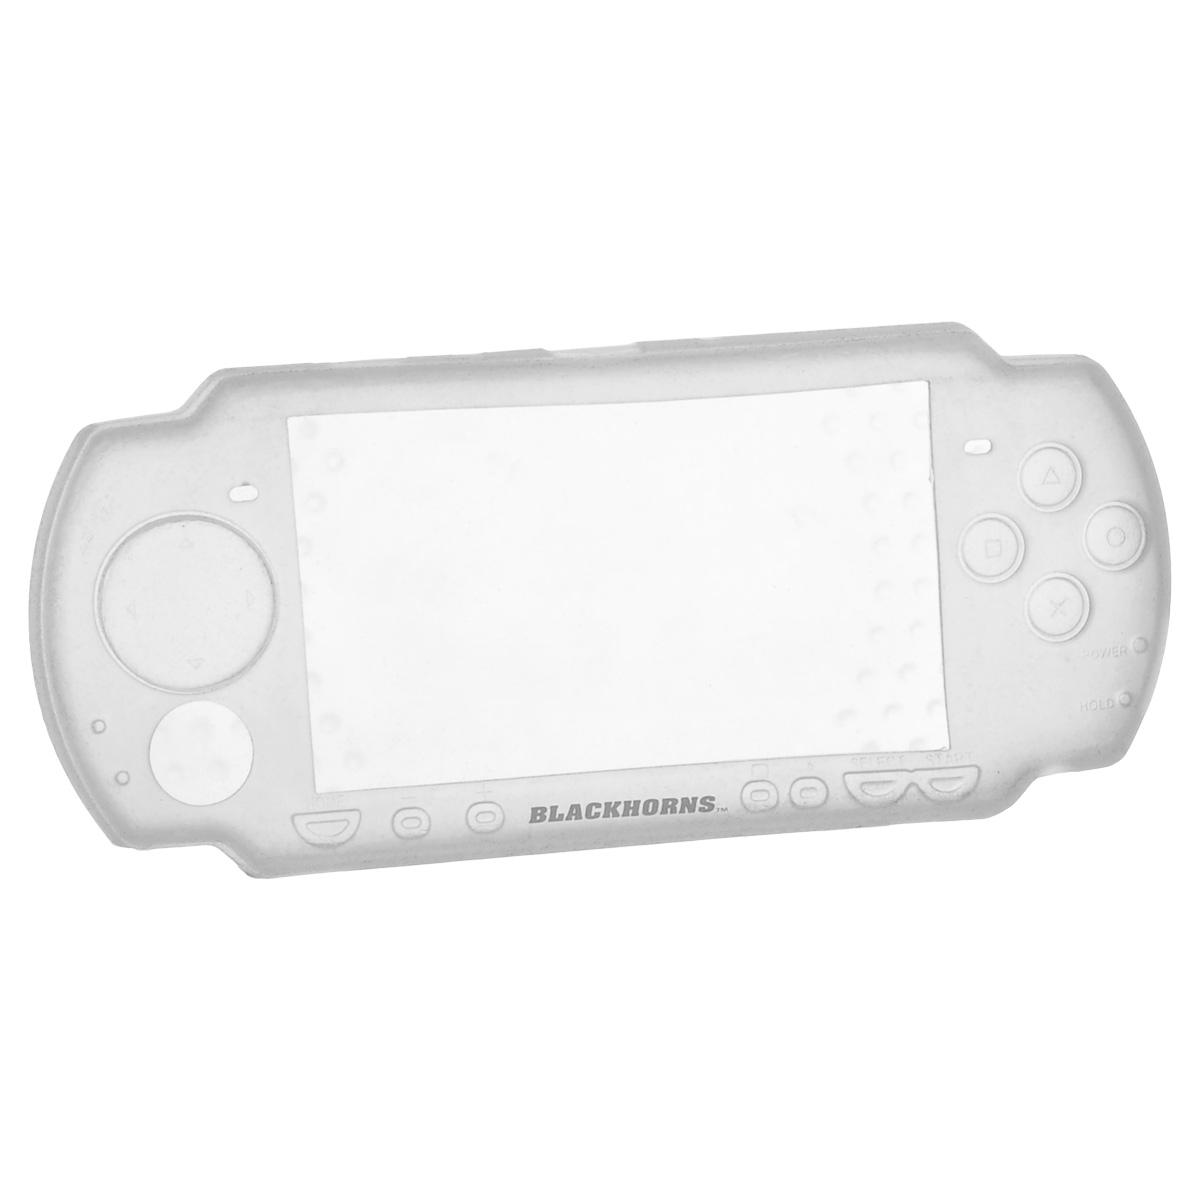 Набор аксессуаров с силиконовым чехлом 3 в 1 для Sony PSP Slim & Lite (белый)BH-PSP02611(R)Набор аксессуаров 3 в 1 Black Horns с силиконовым чехлом для Sony PSP Slim & Lite. Чехол надежно защитит вашу консоль не только во время переноски, но и при использовании. Он также обеспечивает свободный доступ ко всем клавишам и кнопкам управления. Удобный ремешок на руку убережет вашу консоль от падений, а очищающая подушечка очистит экран вашей портативной игровой приставки. В комплект также входит защитная пленка на экран, которая защищает его от царапин и потертостей. Для удобного наклеивания пленки на экран предназначена очищающая салфетка и пластинка для разглаживания пузырей.